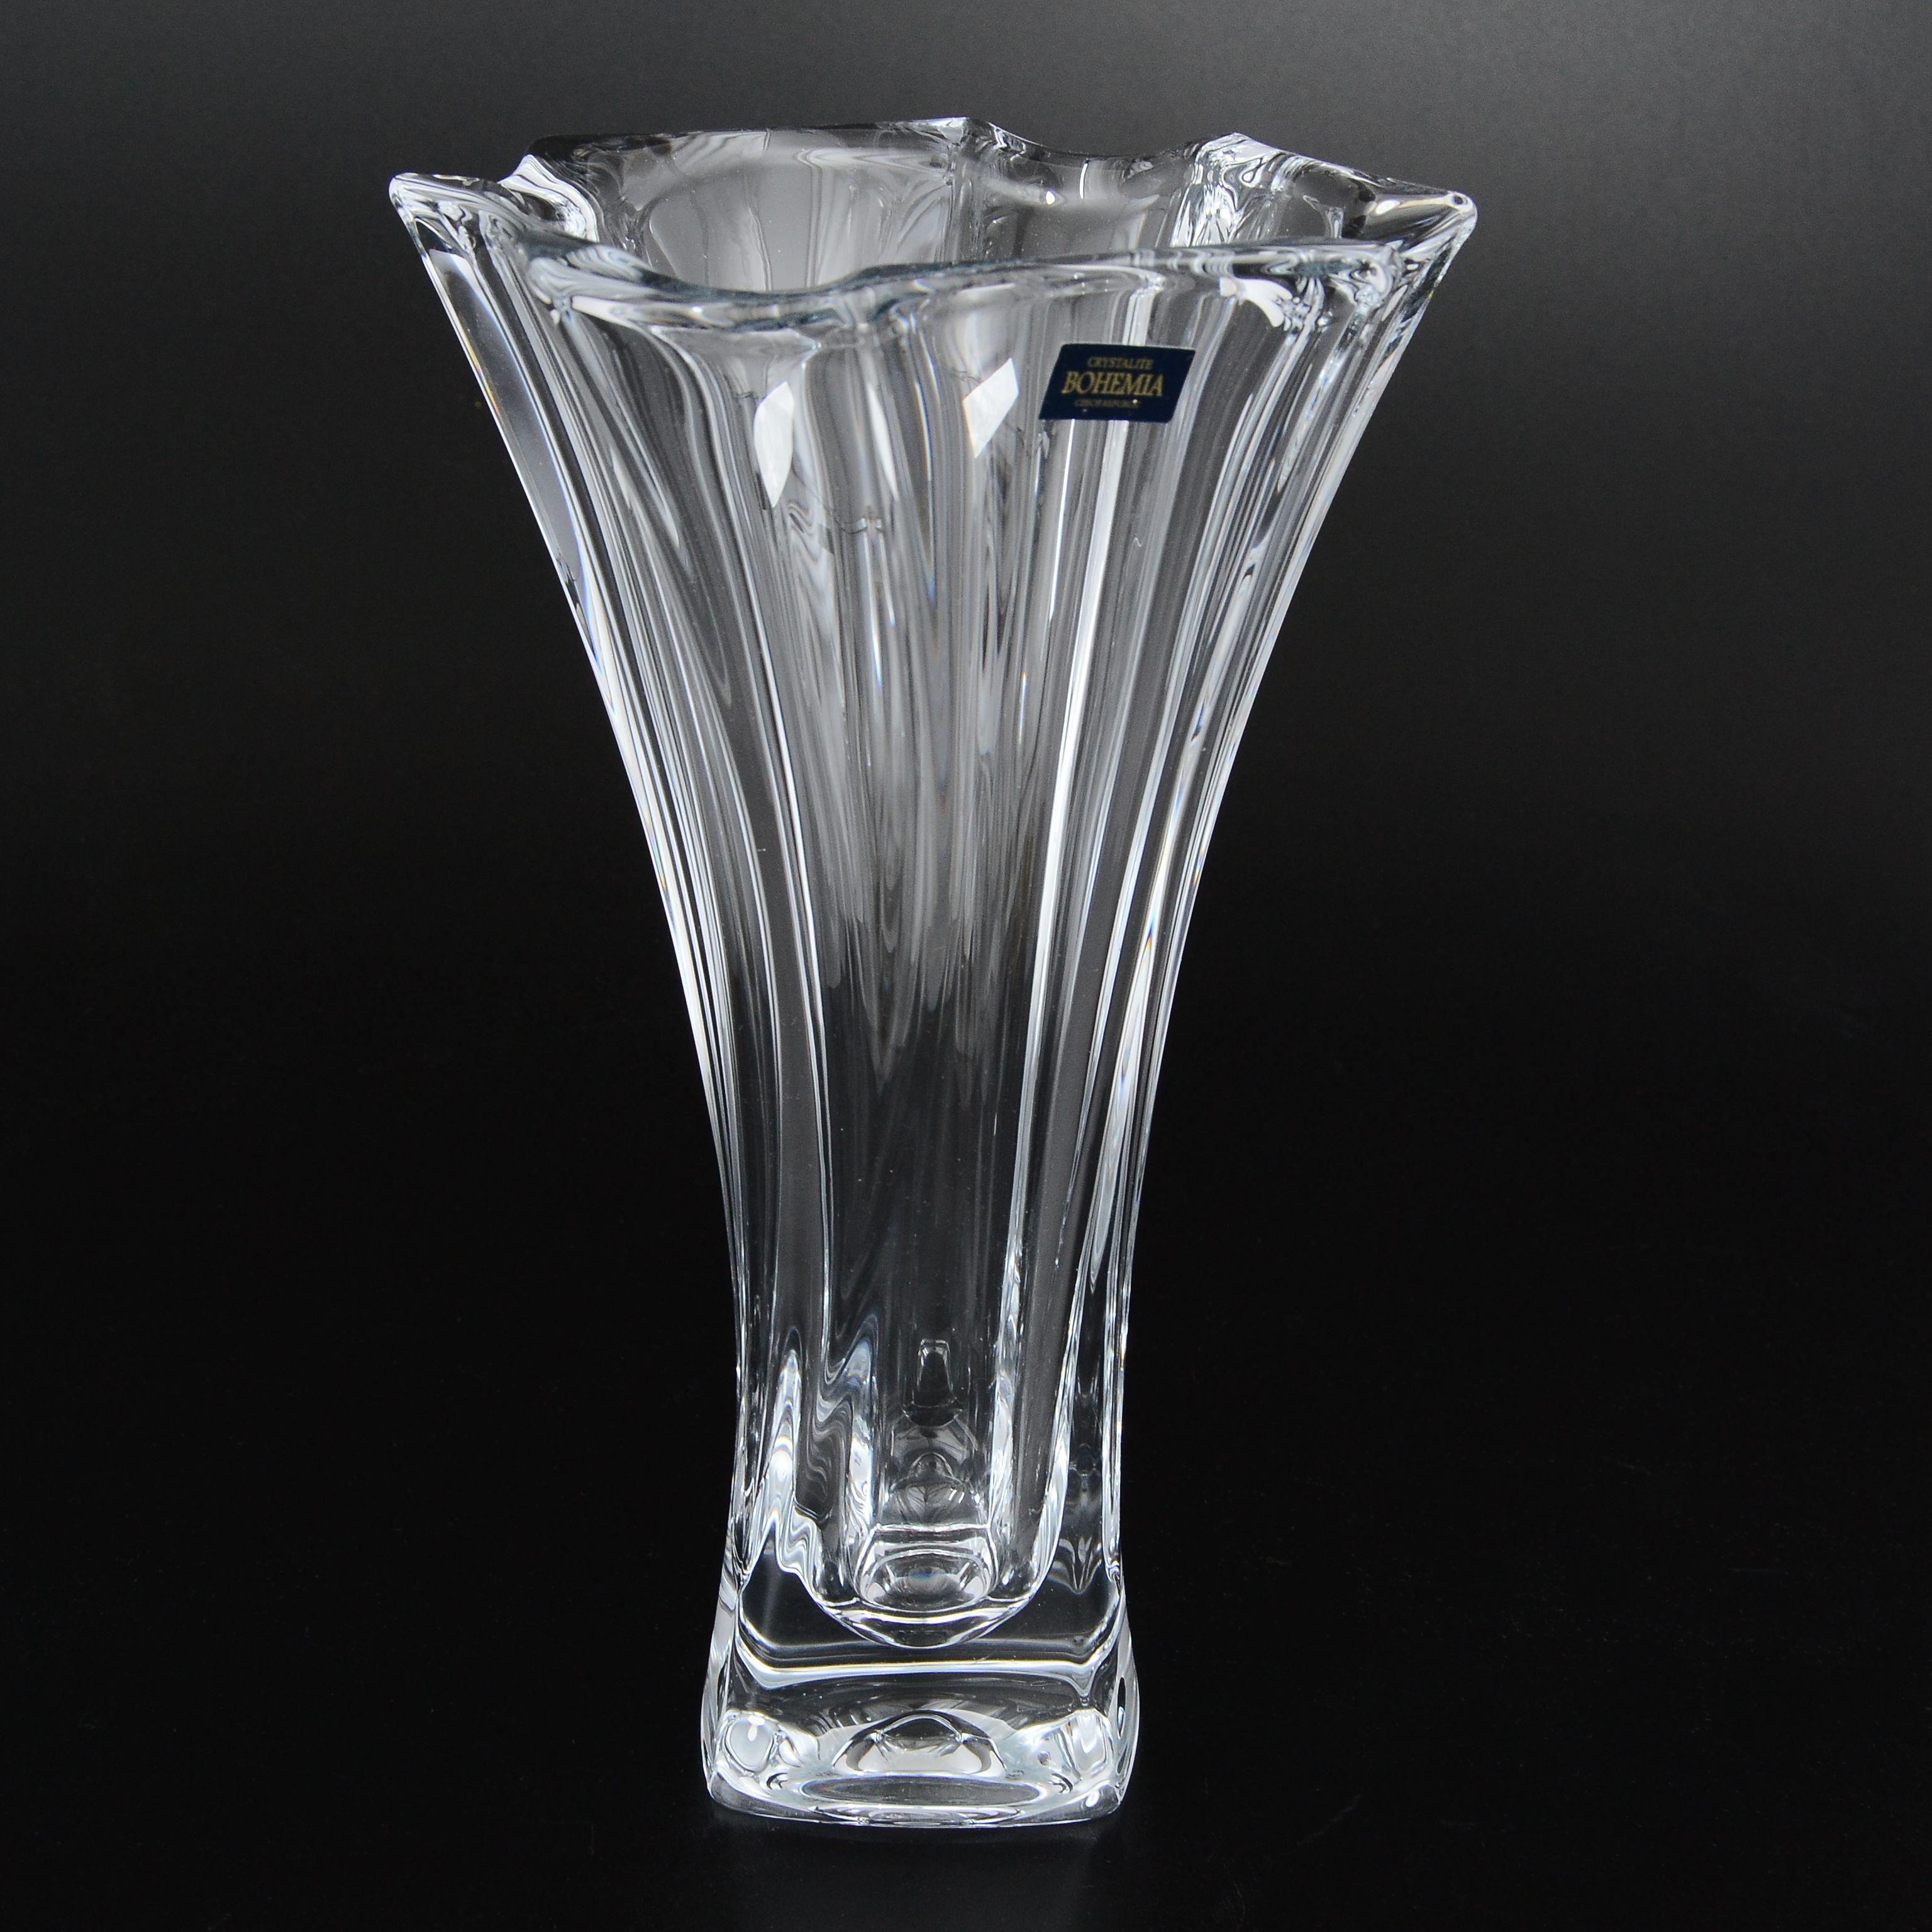 Ваза NEPTUNECrystalite Bohemia - крупнейший производитель посуды и предметов интерьера на рынке богемского стекла.  Ваза изготовлена из  экологически безопасной стекломассы - кристаллита. Изящная форма вазы Neptune украсит любой интерьер и станет замечательным подарком, который будет радовать многие годы.<br>